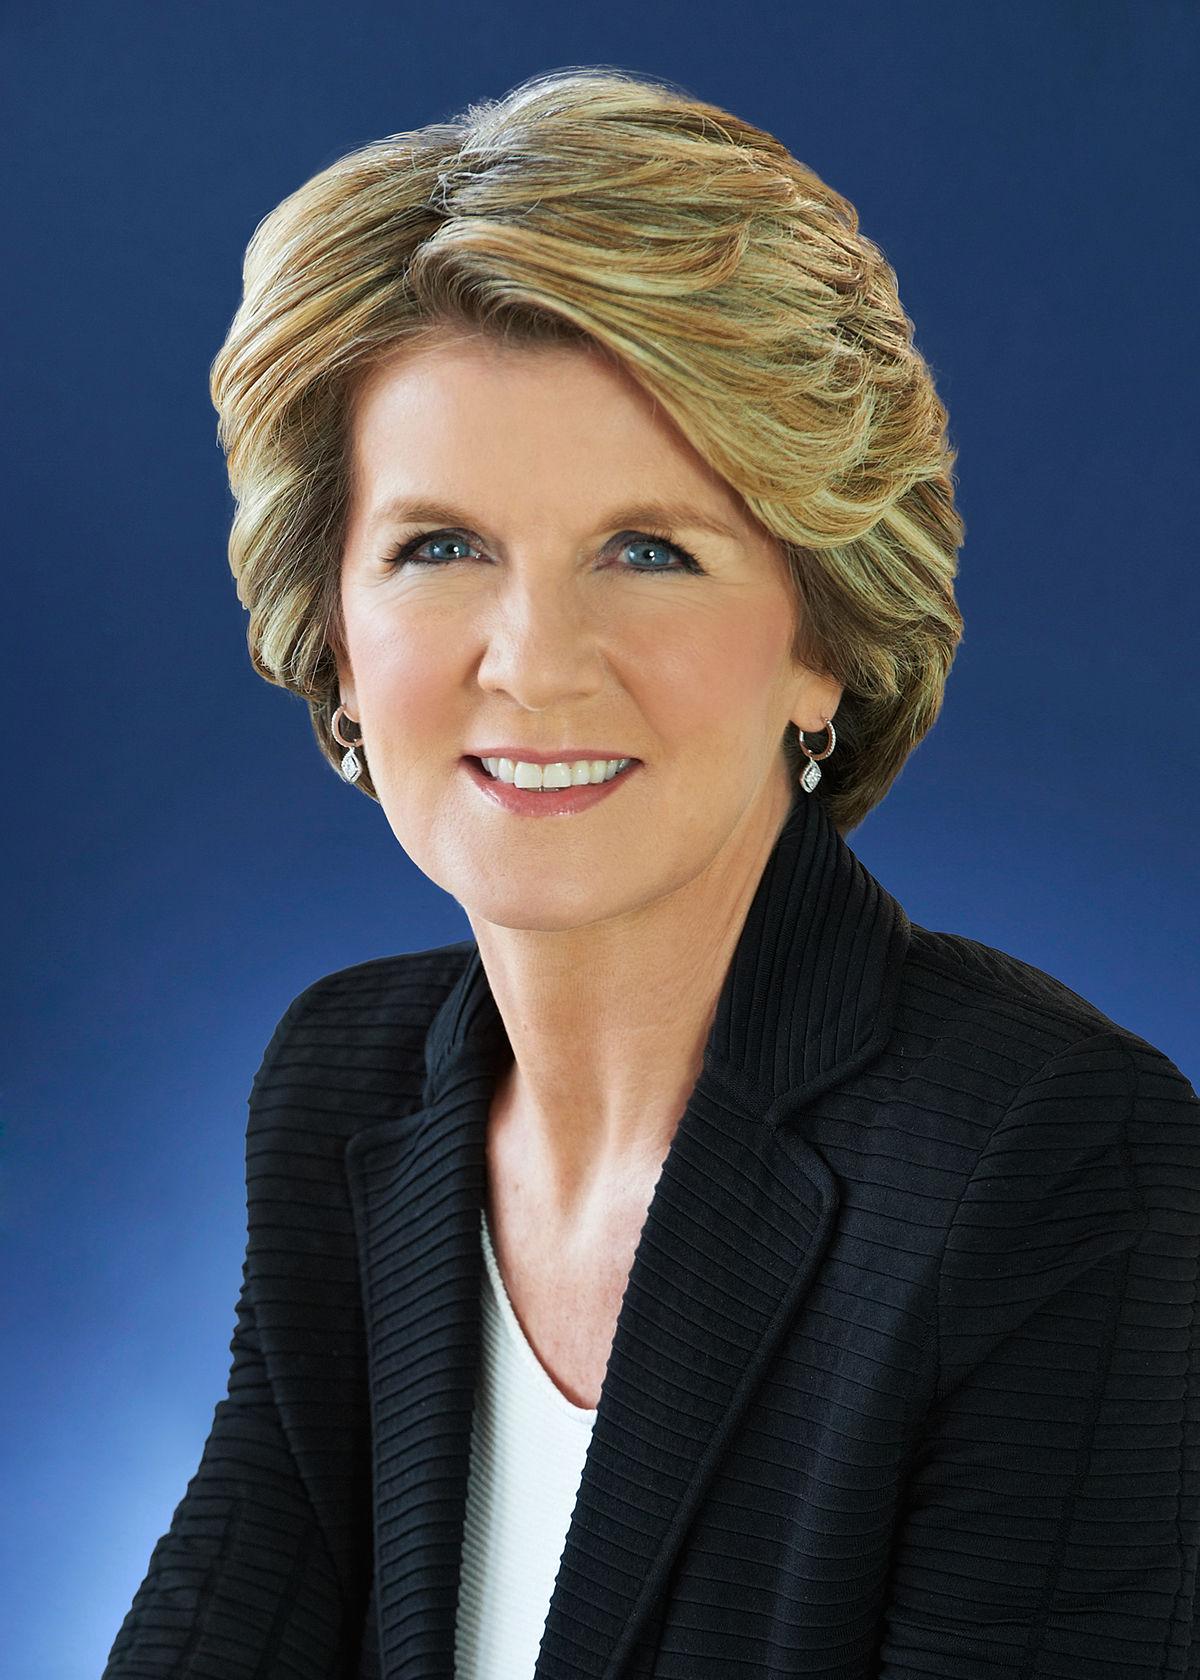 Liste des ministres australiens des affaires trang res - Cabinet du ministre des affaires etrangeres ...